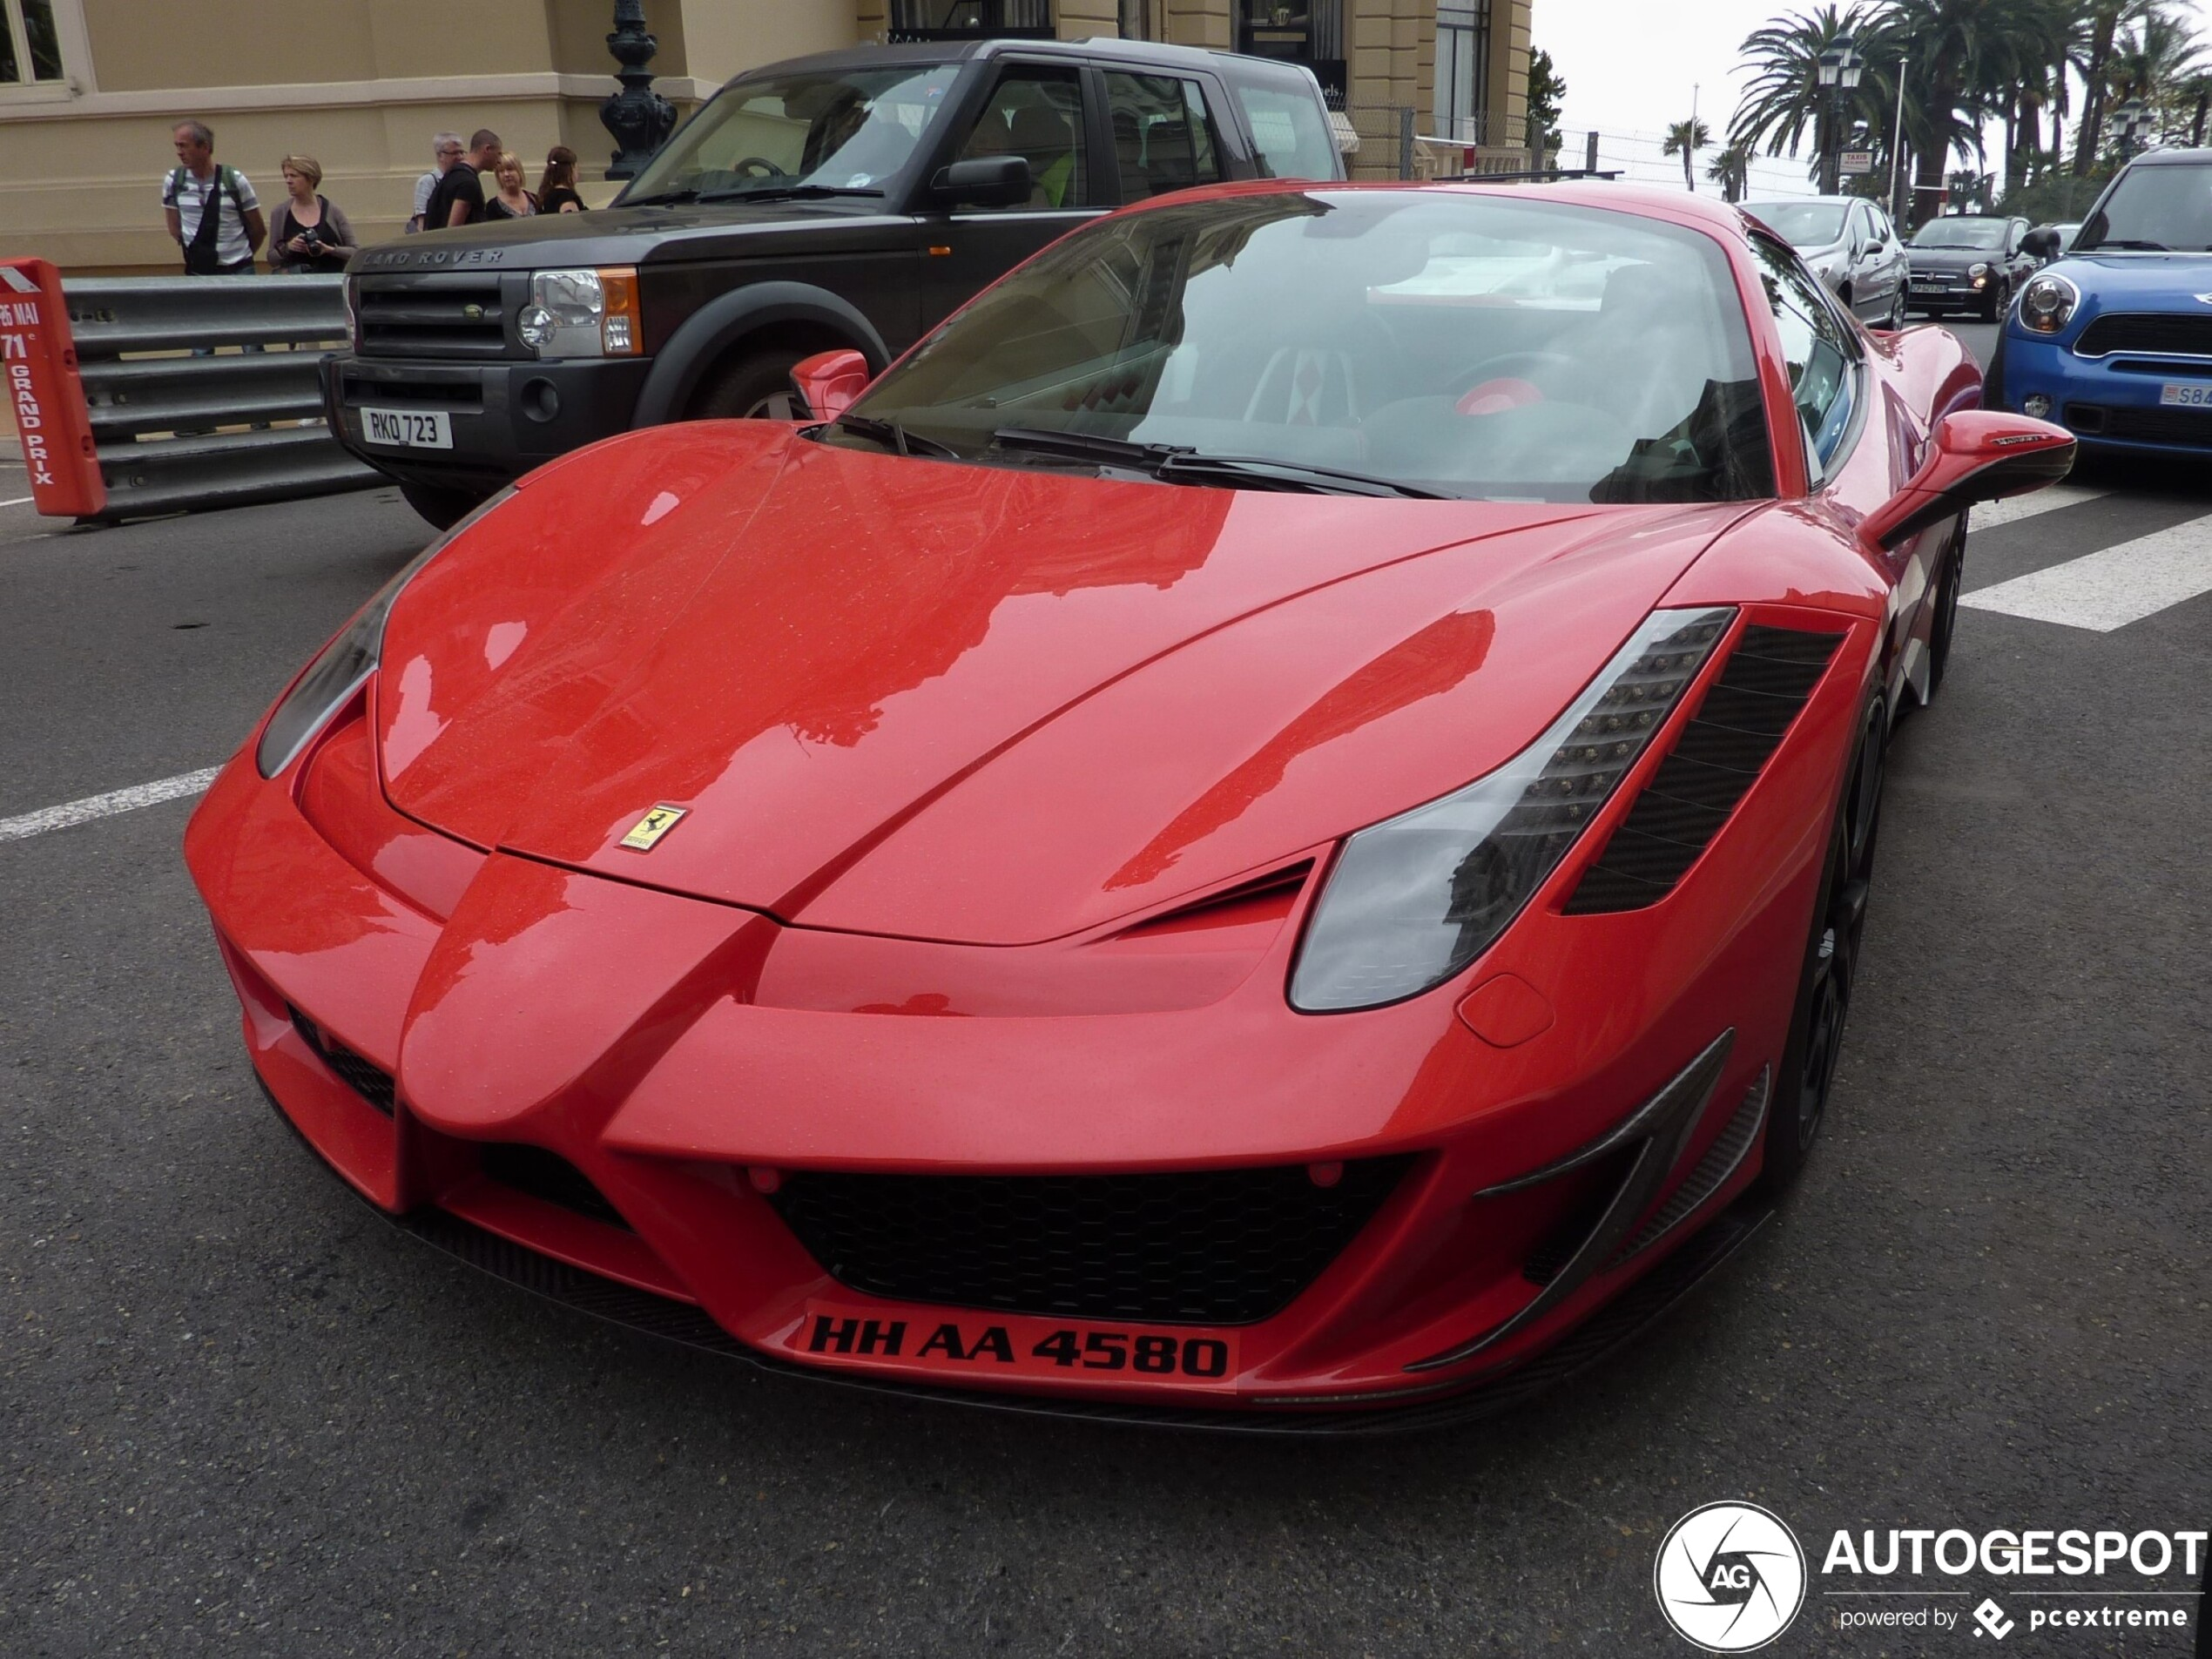 Gelimiteerde Ferrari met speciale bodykit gespot in Monaco